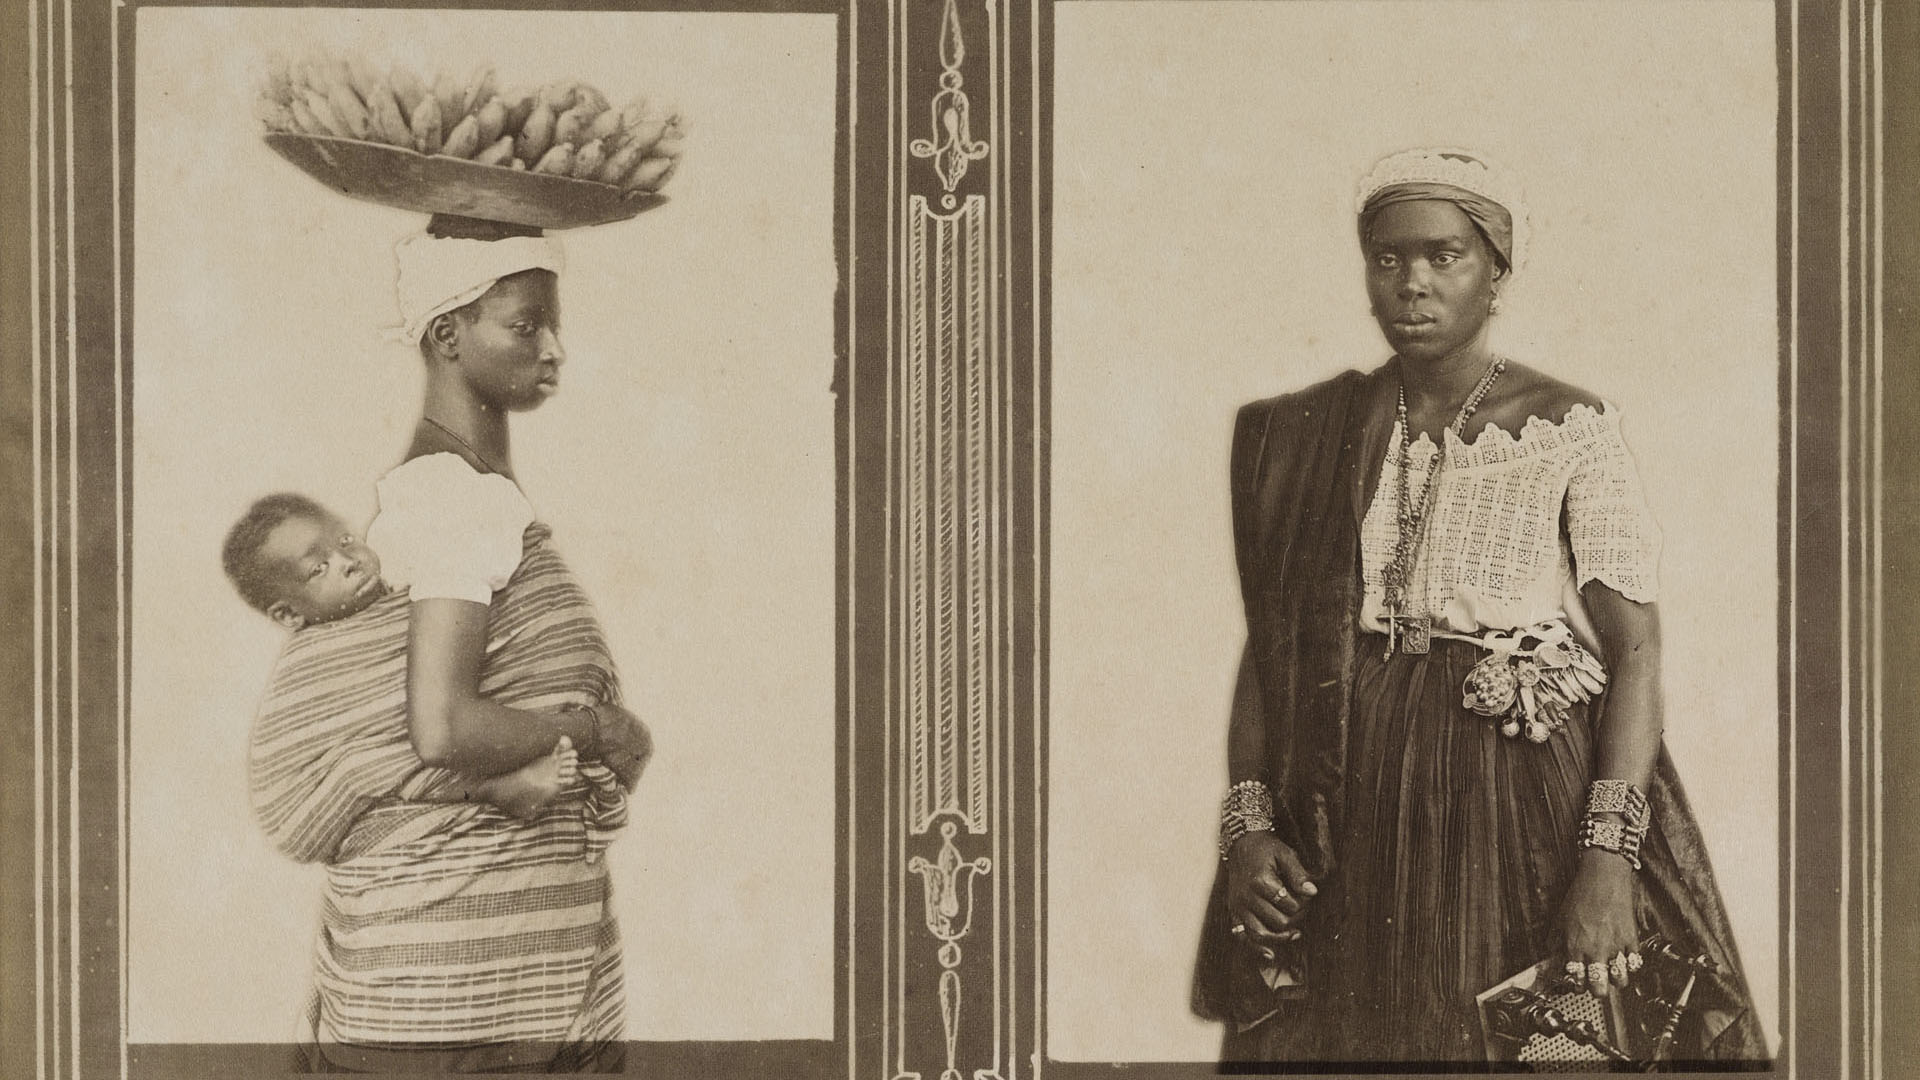 Negras da Bahia. Bahia, c. 1885. Foto de Marc Ferrez. Coleção Gilberto Ferrez / Acervo IMS